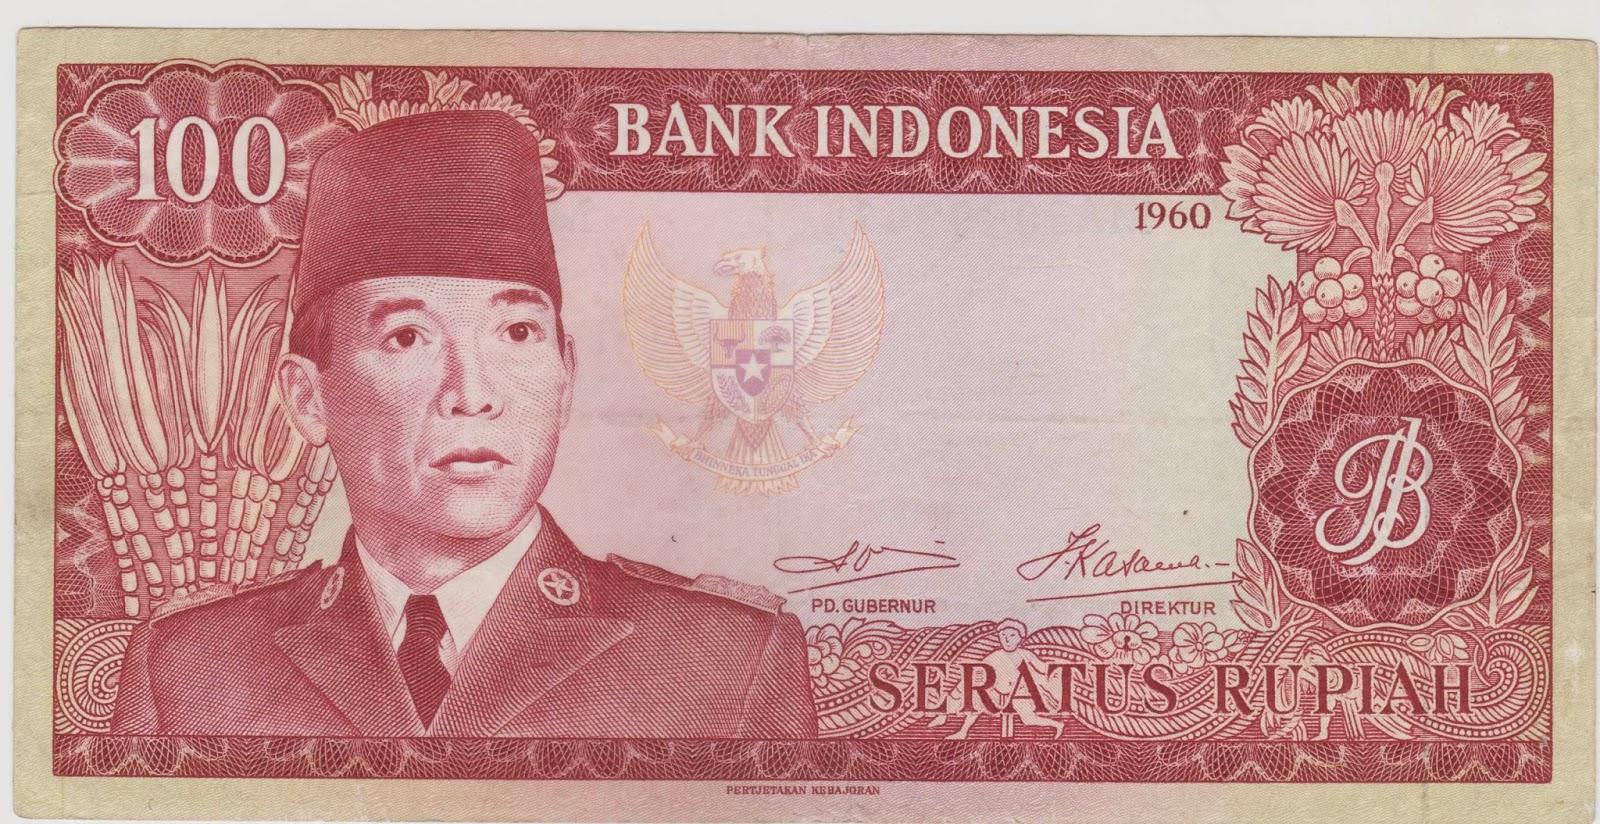 - uang kuno Seri Soekarno tahun  1960 Pecahan 100 rupiah